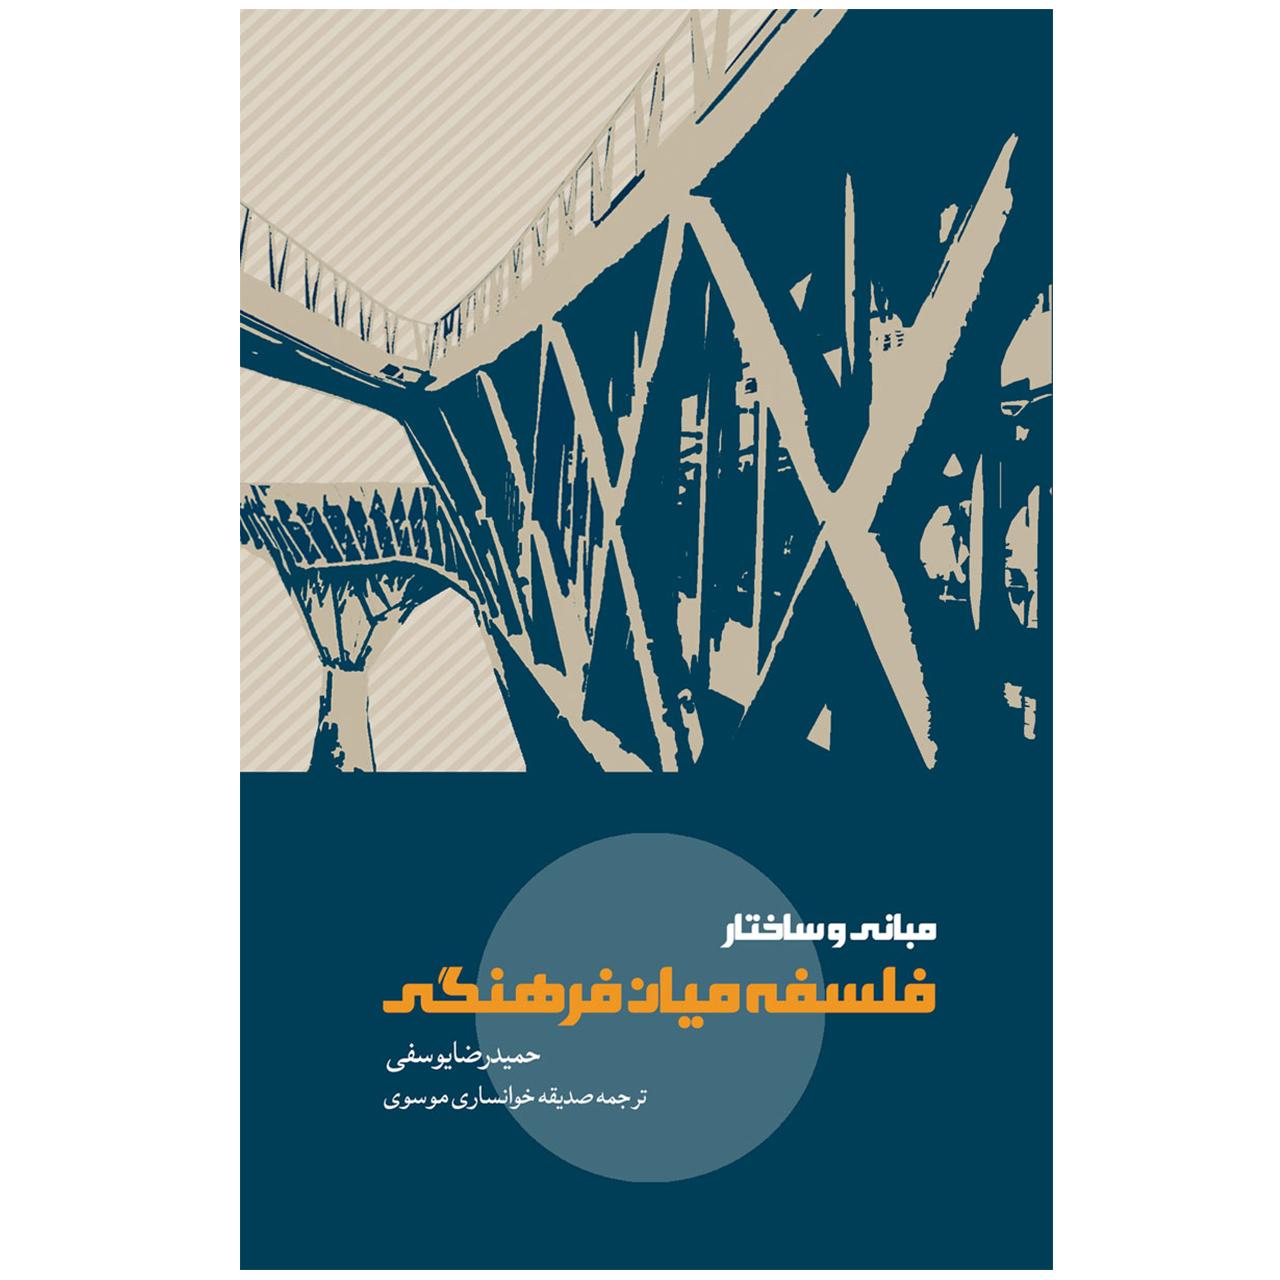 کتاب مبانی و ساختار فلسفه میان فرهنگی اثر حمیدرضا یوسفی نشر پگاه روزگار نو